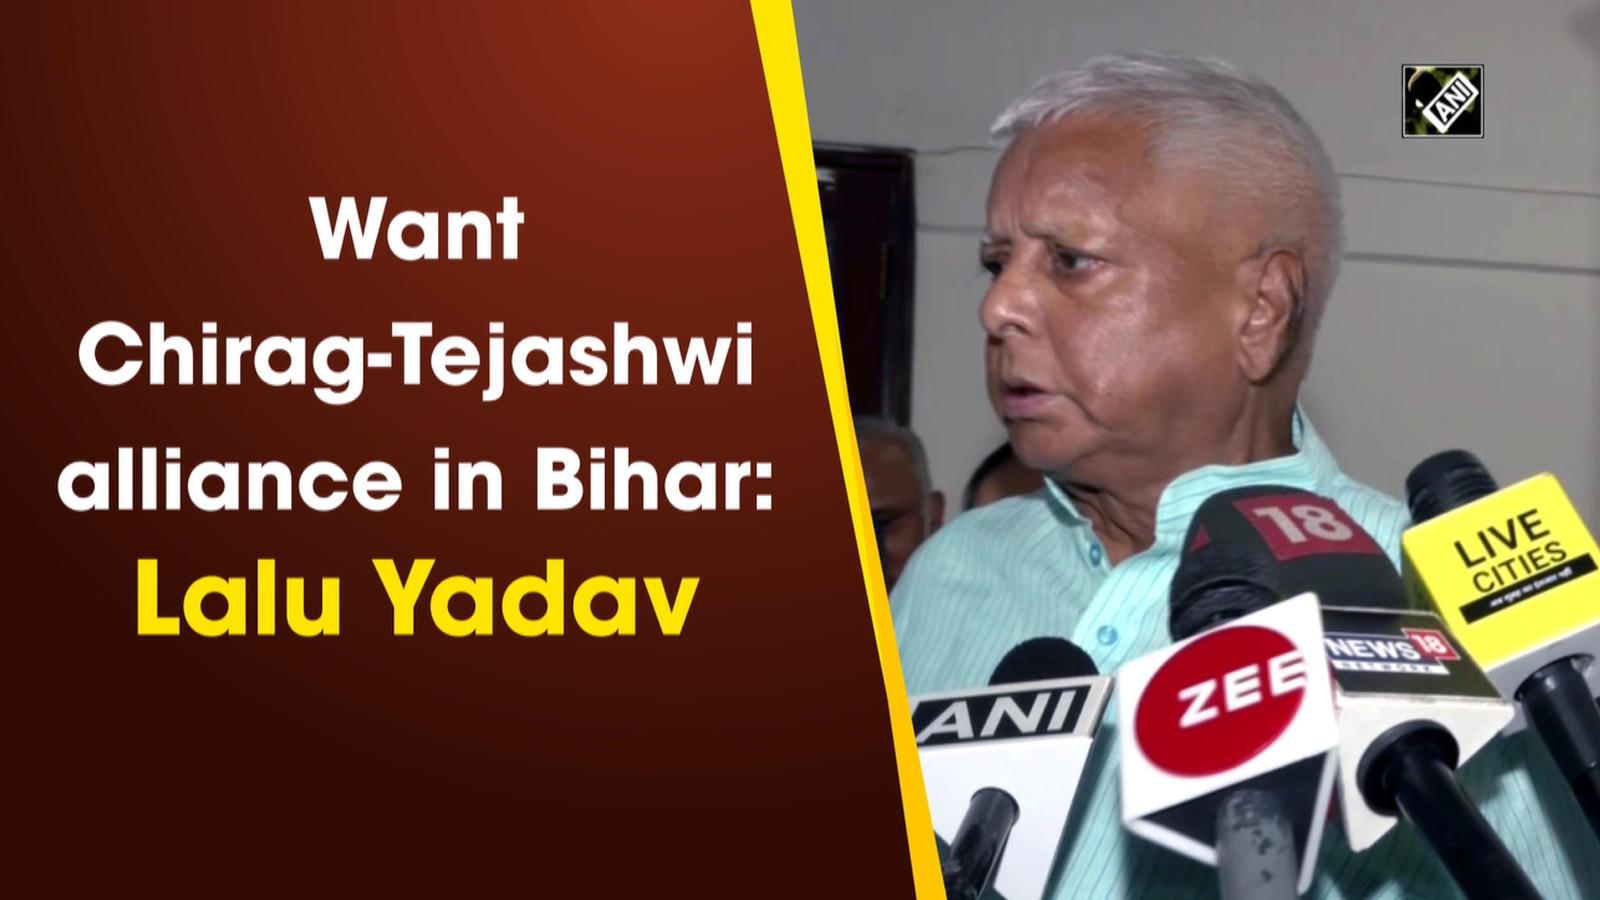 want-chirag-tejashwi-alliance-in-bihar-lalu-yadav